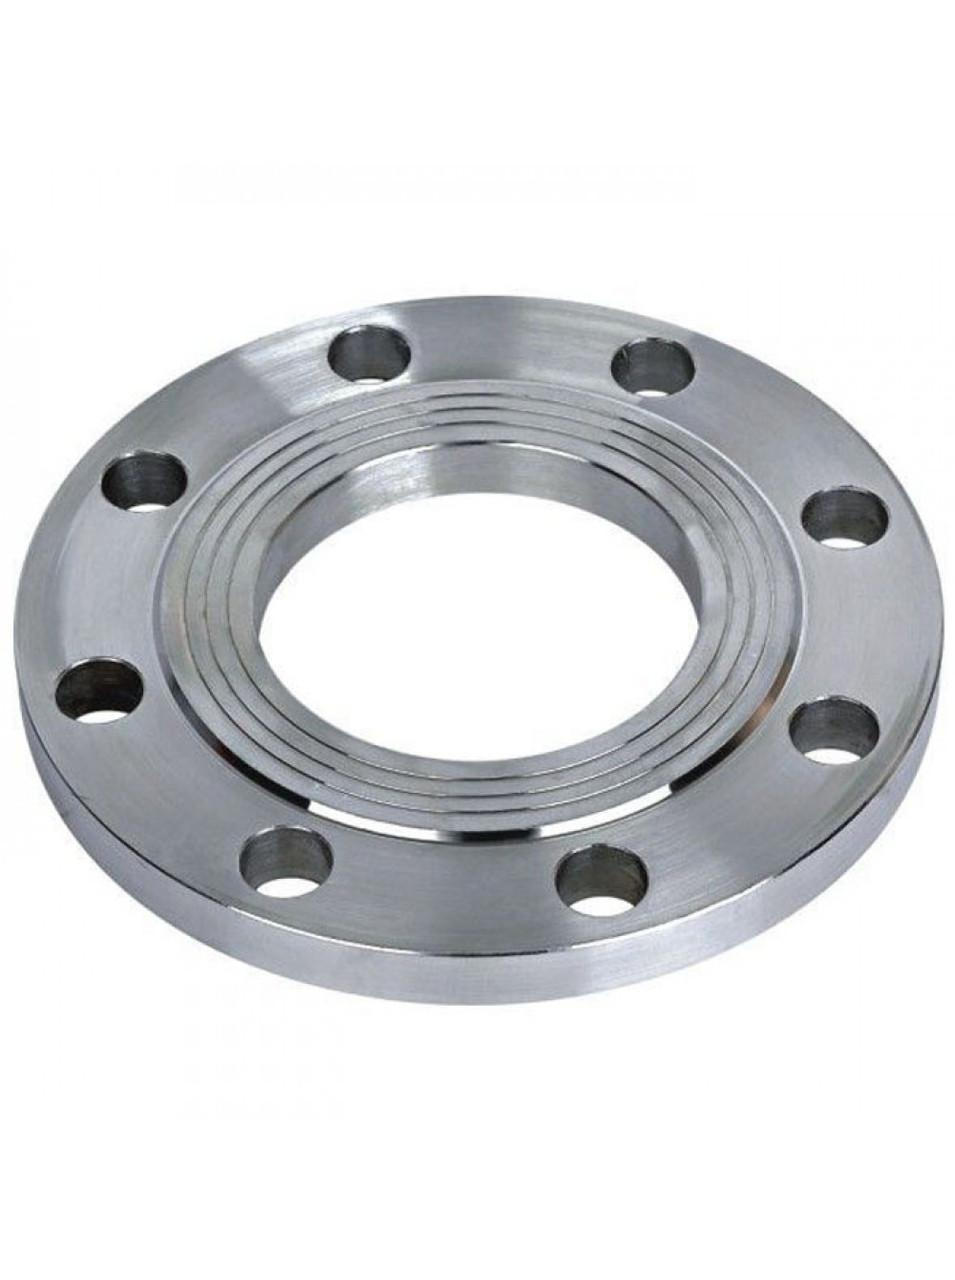 Фланец стальной Ду 100 мм (Ру 16 бар)